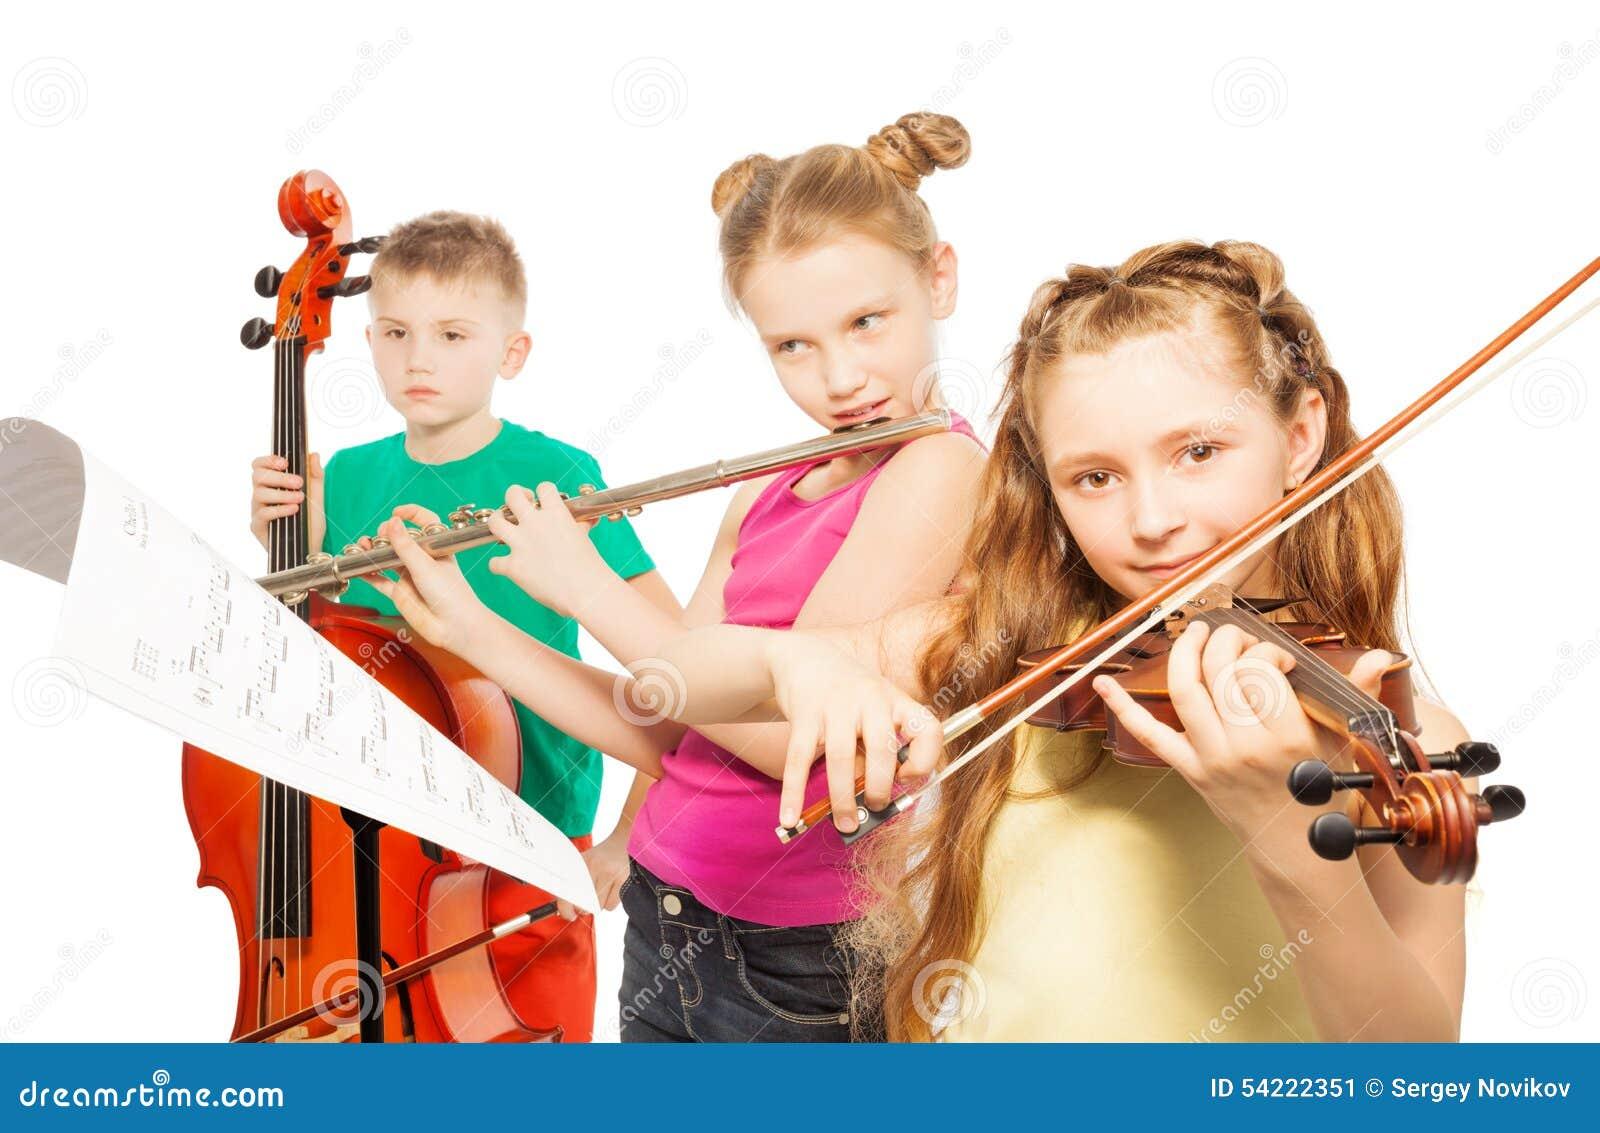 De muzikale instrumenten van het jonge geitjesspel op witte achtergrond